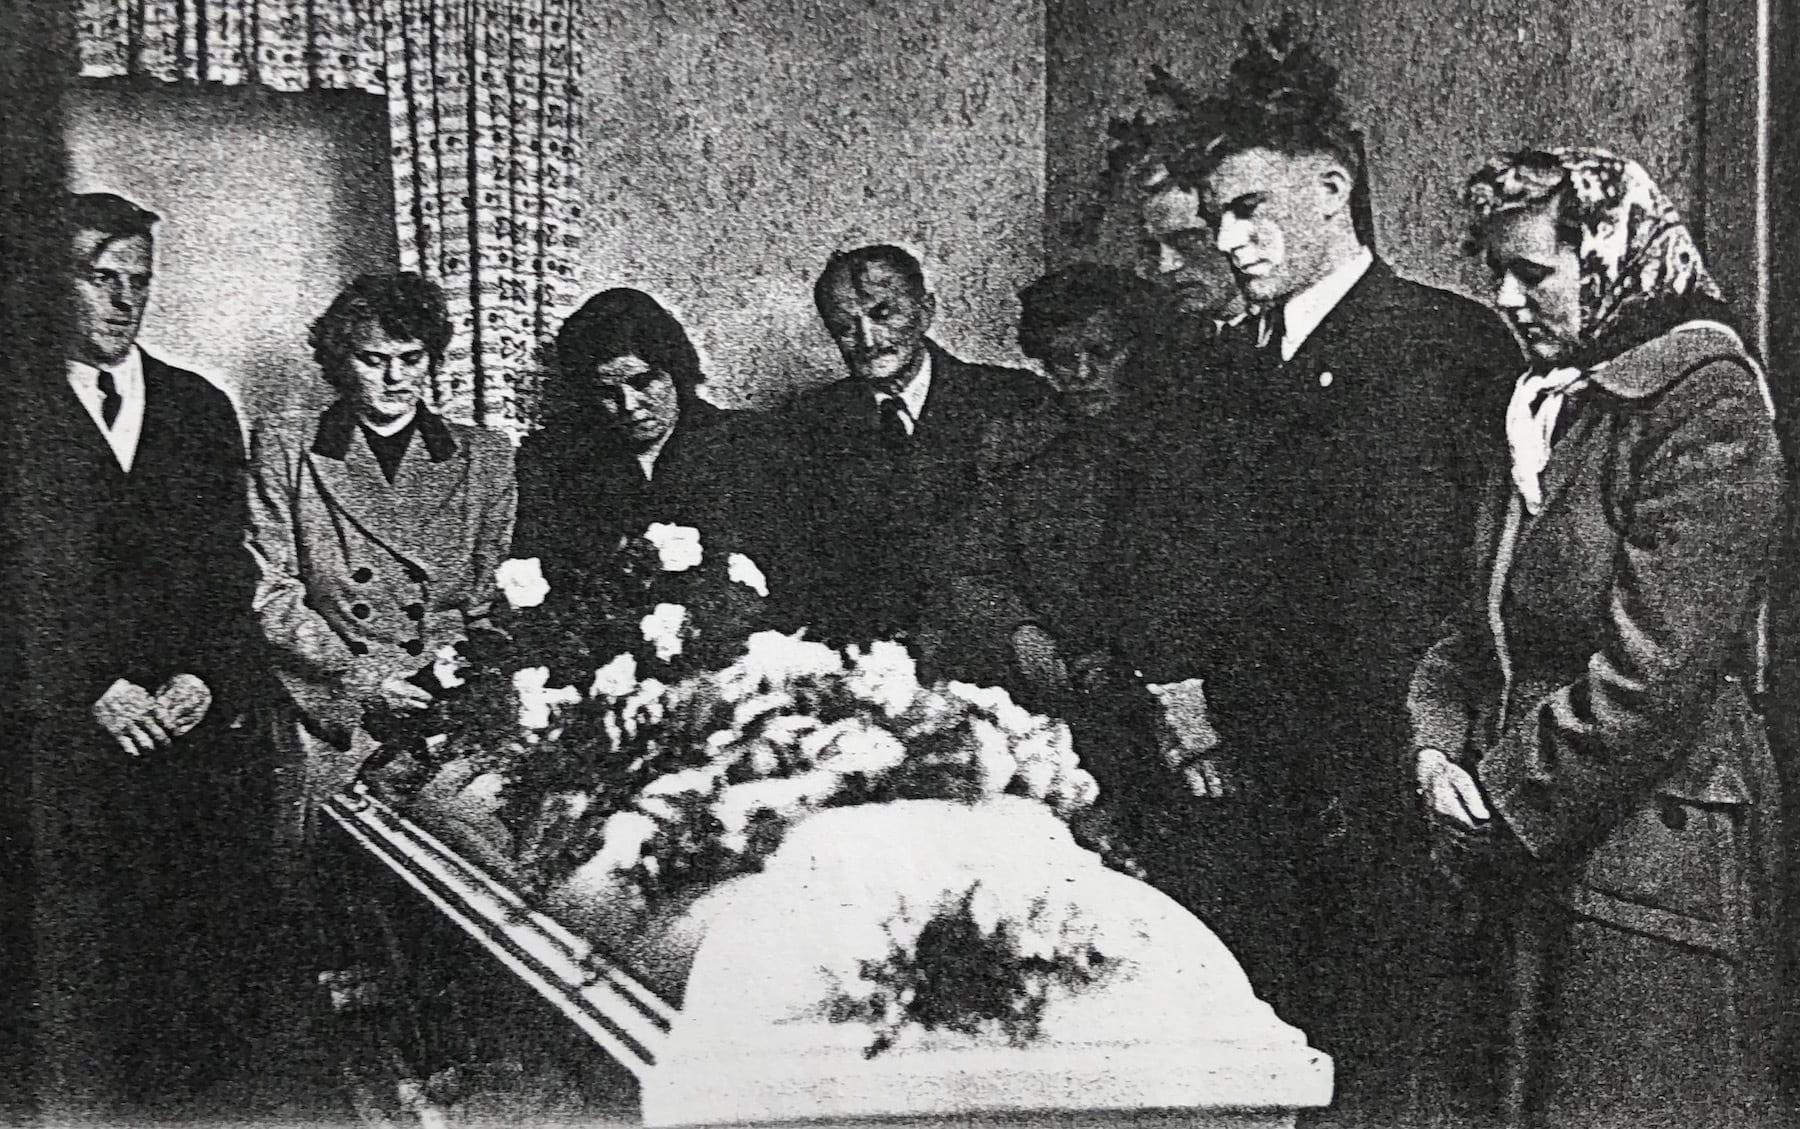 Avisfoto fra dagene efter redningsulykken 9. december 1951.